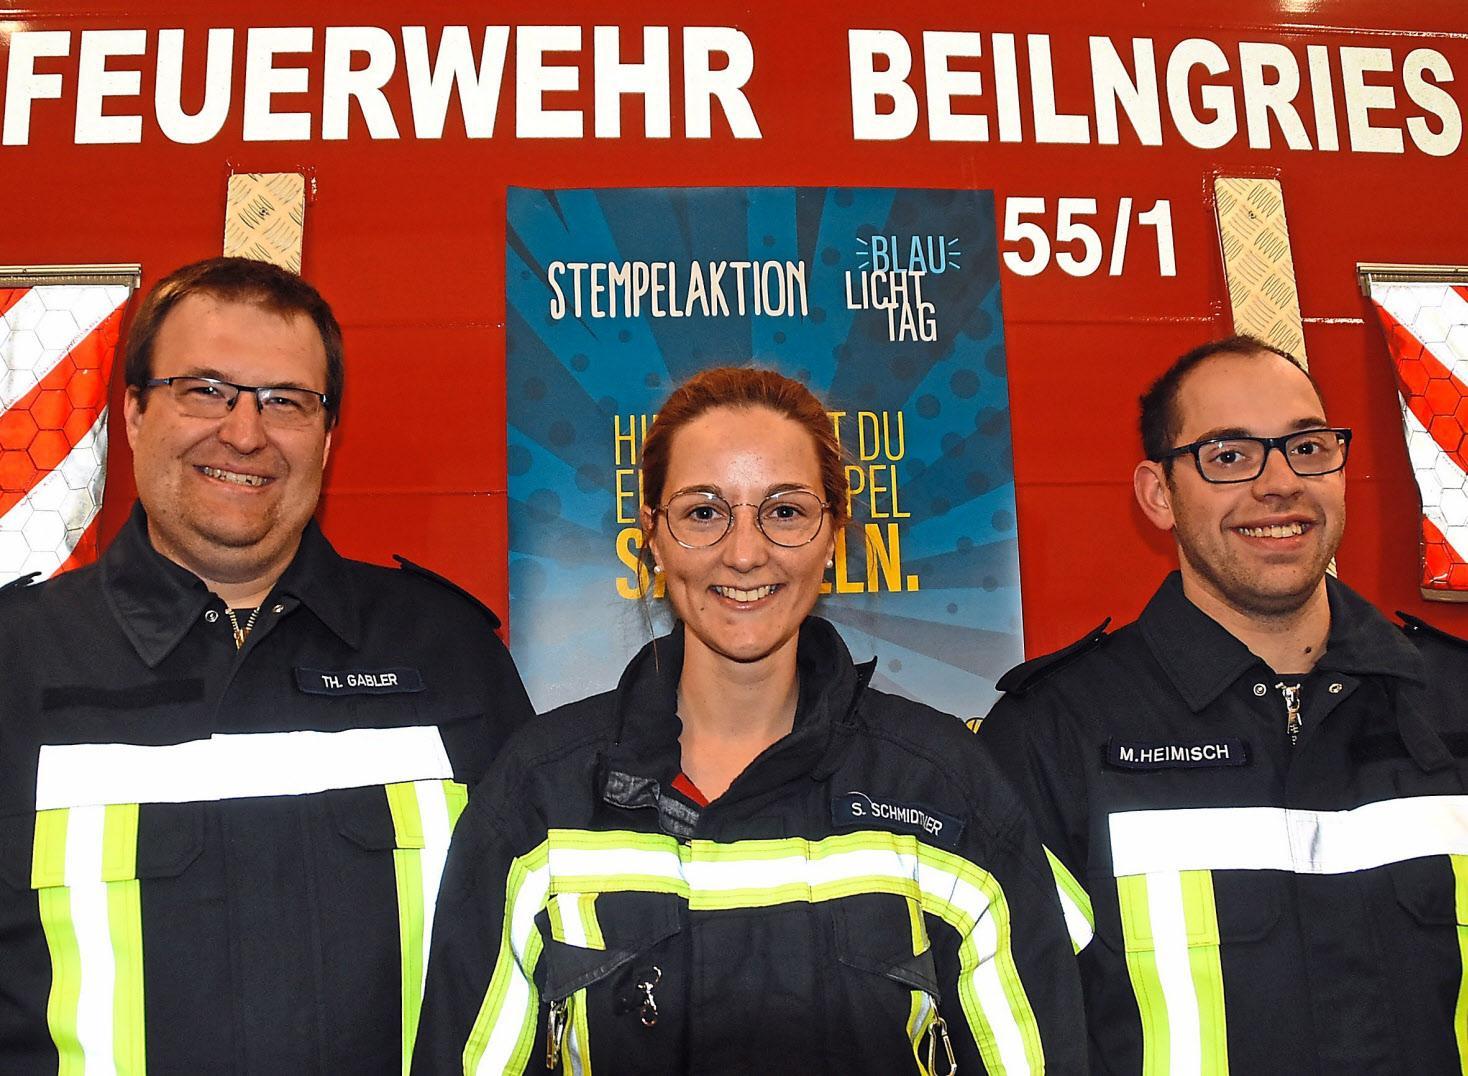 Hinter dem Blaulichttag steht ein engagiertes Organisationsteam: Thomas Gabler (von links), Steffi Schmidtner und Martin Heimisch. Fotos: Nusko